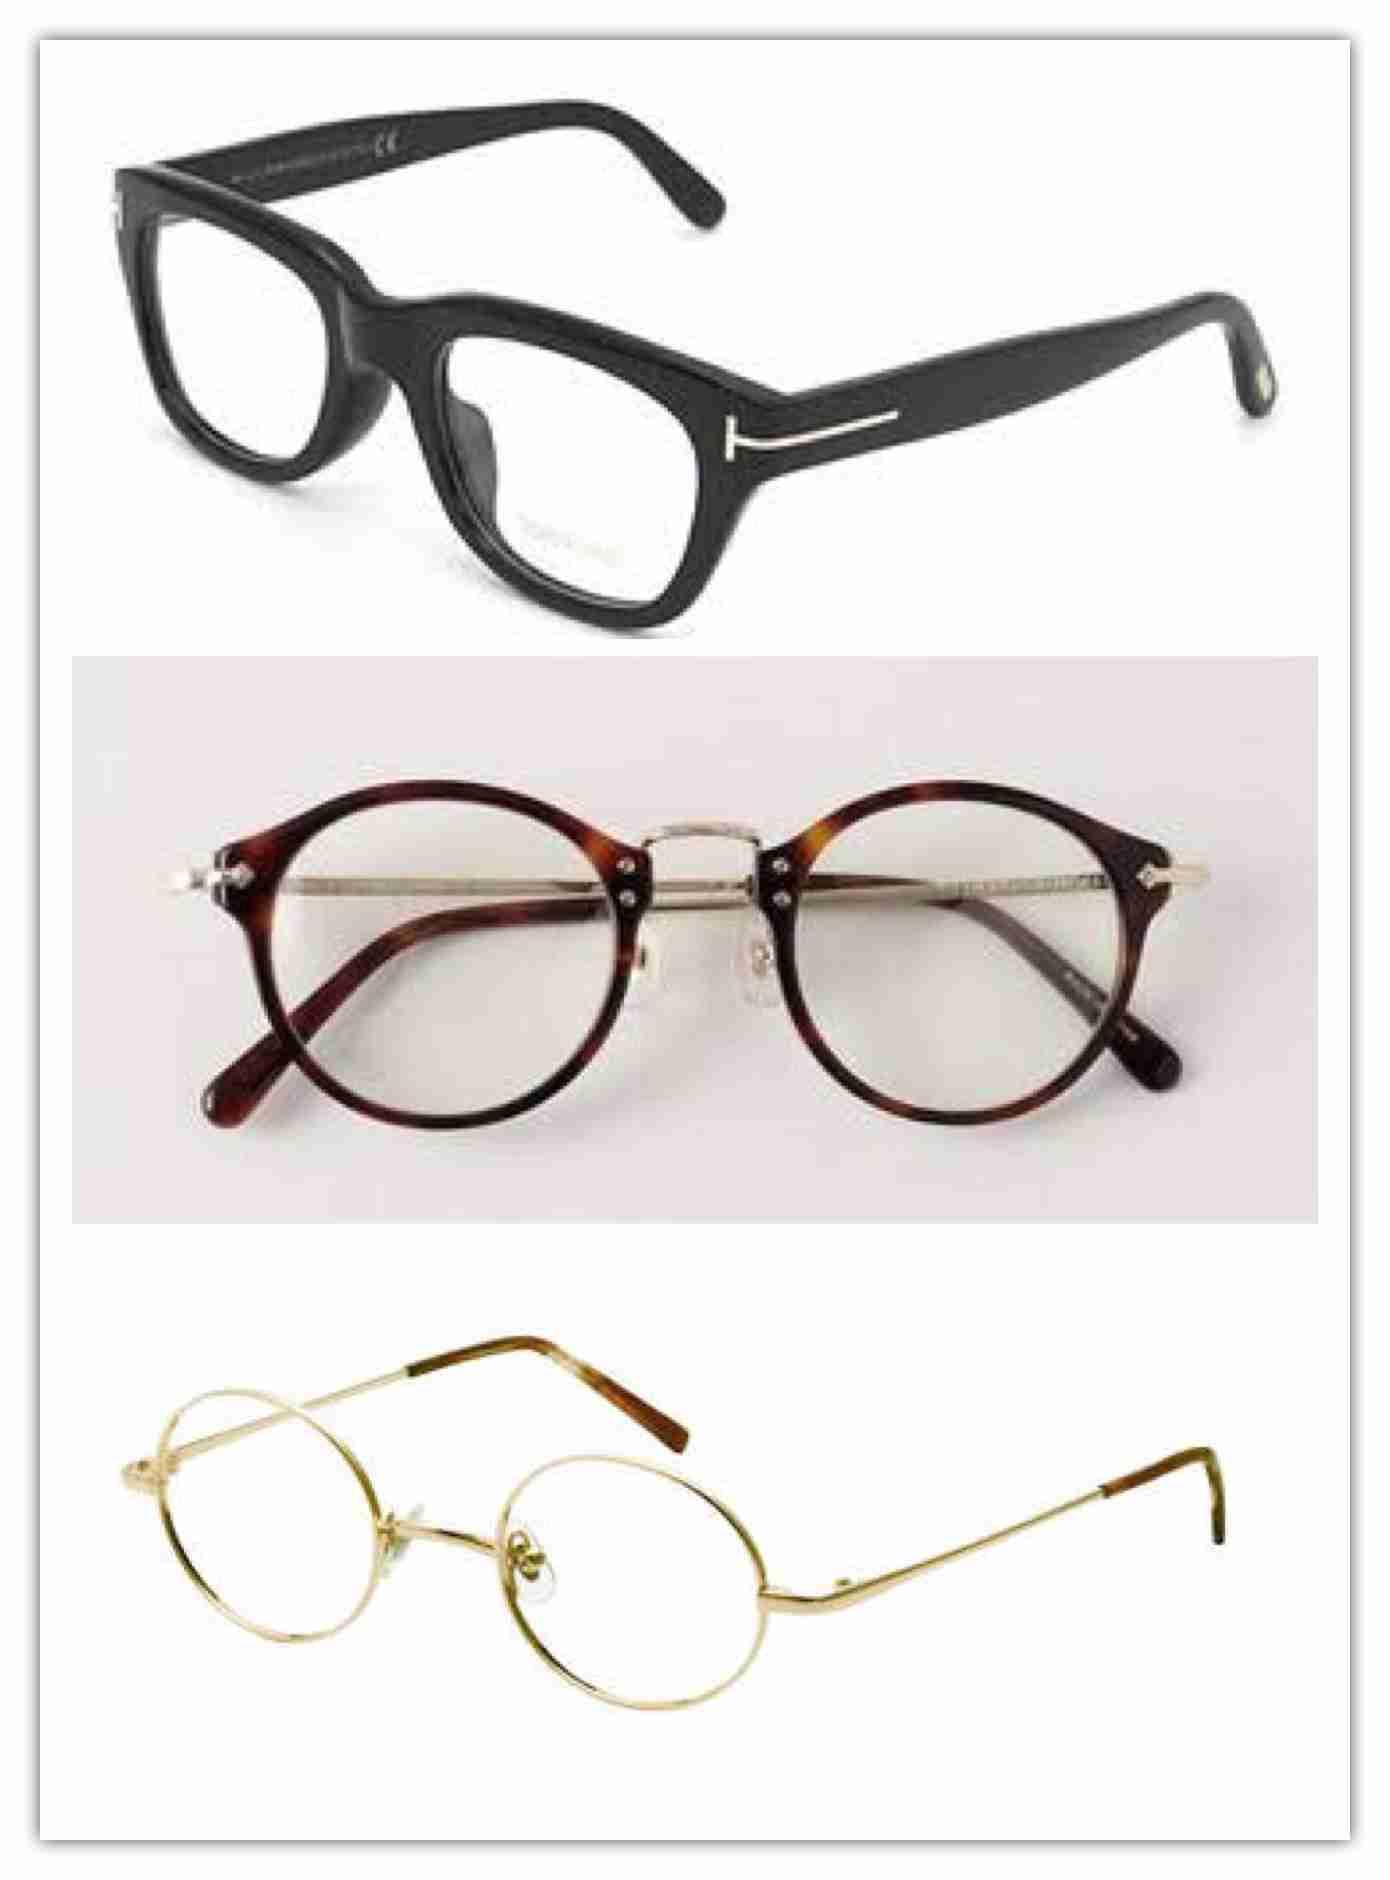 ファッションによってメガネ変えますか?